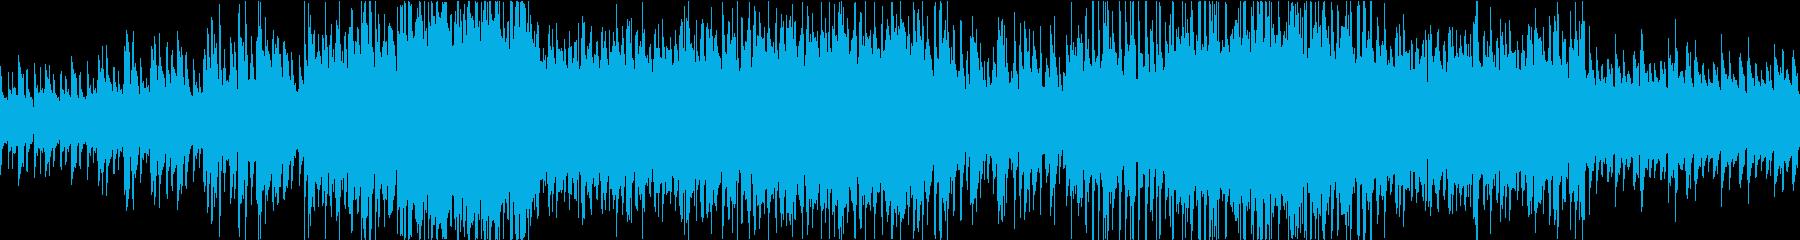 アップテンポのピアノジャズの再生済みの波形